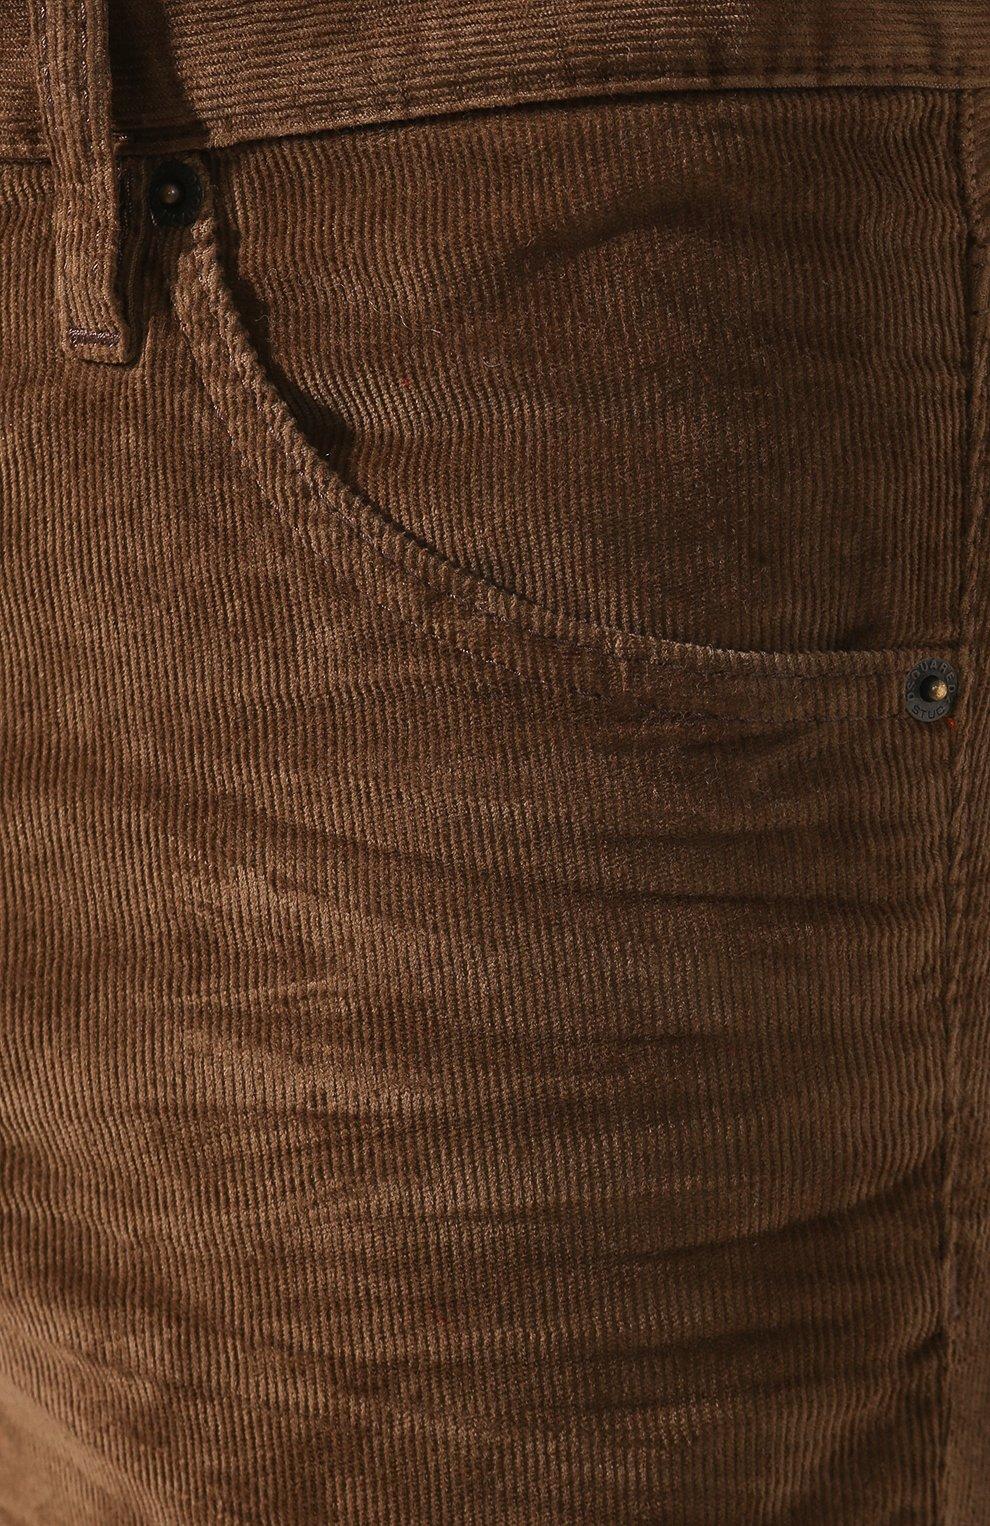 Мужские джинсы DSQUARED2 коричневого цвета, арт. S74LB0555/S40737 | Фото 5